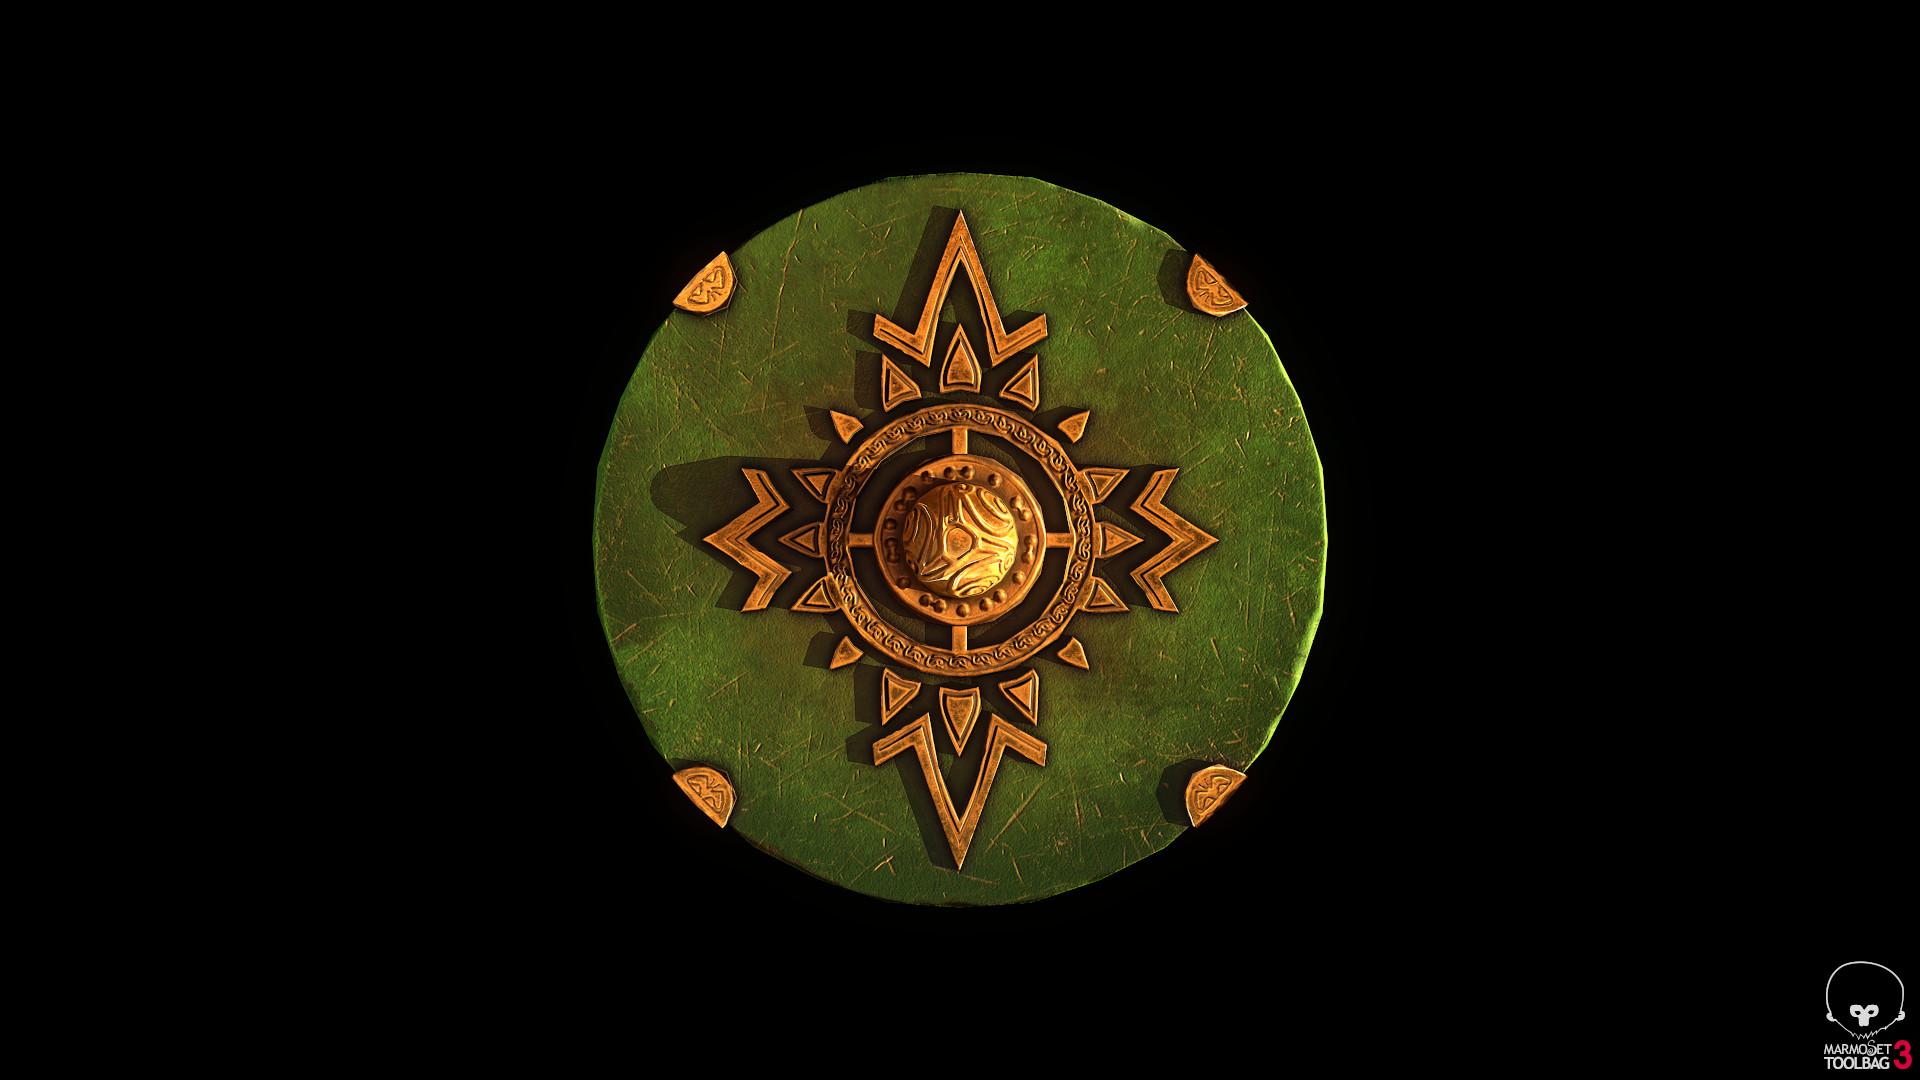 Bela csampai s4h rohan shield eorl guard 01 render mt 02